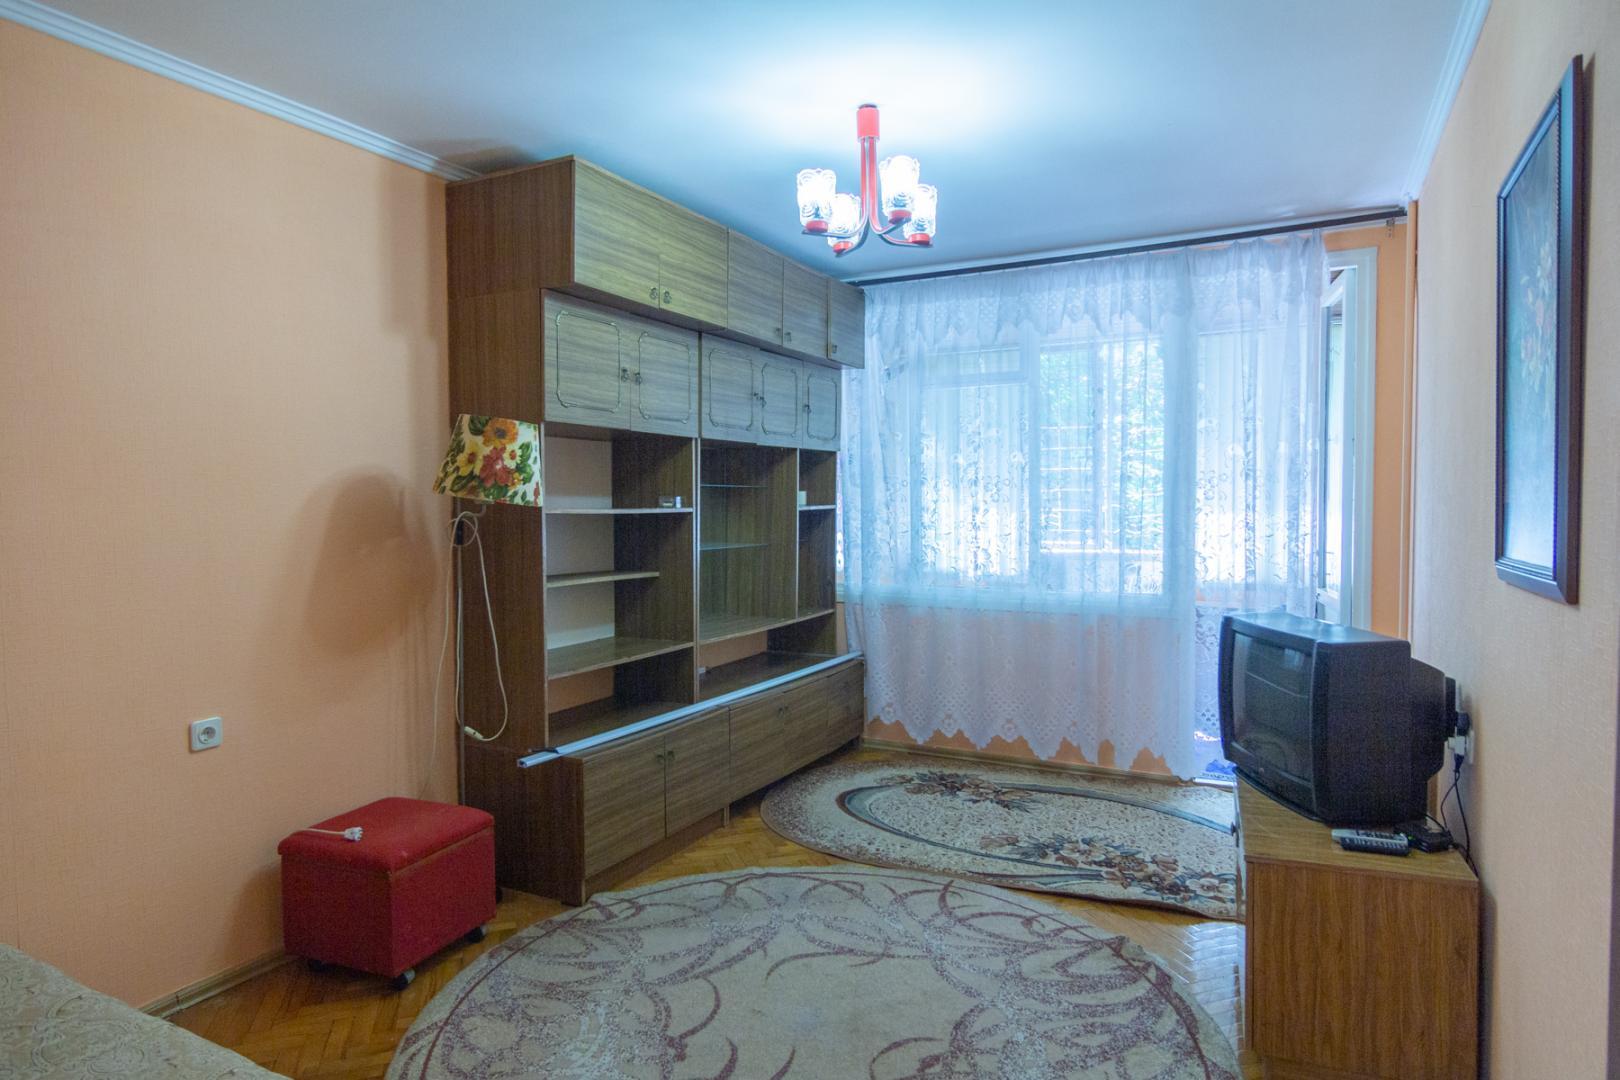 Квартира в аренду по адресу Россия, Краснодарский край, городской округ Сочи, Сочи, Тоннельная улица, 18